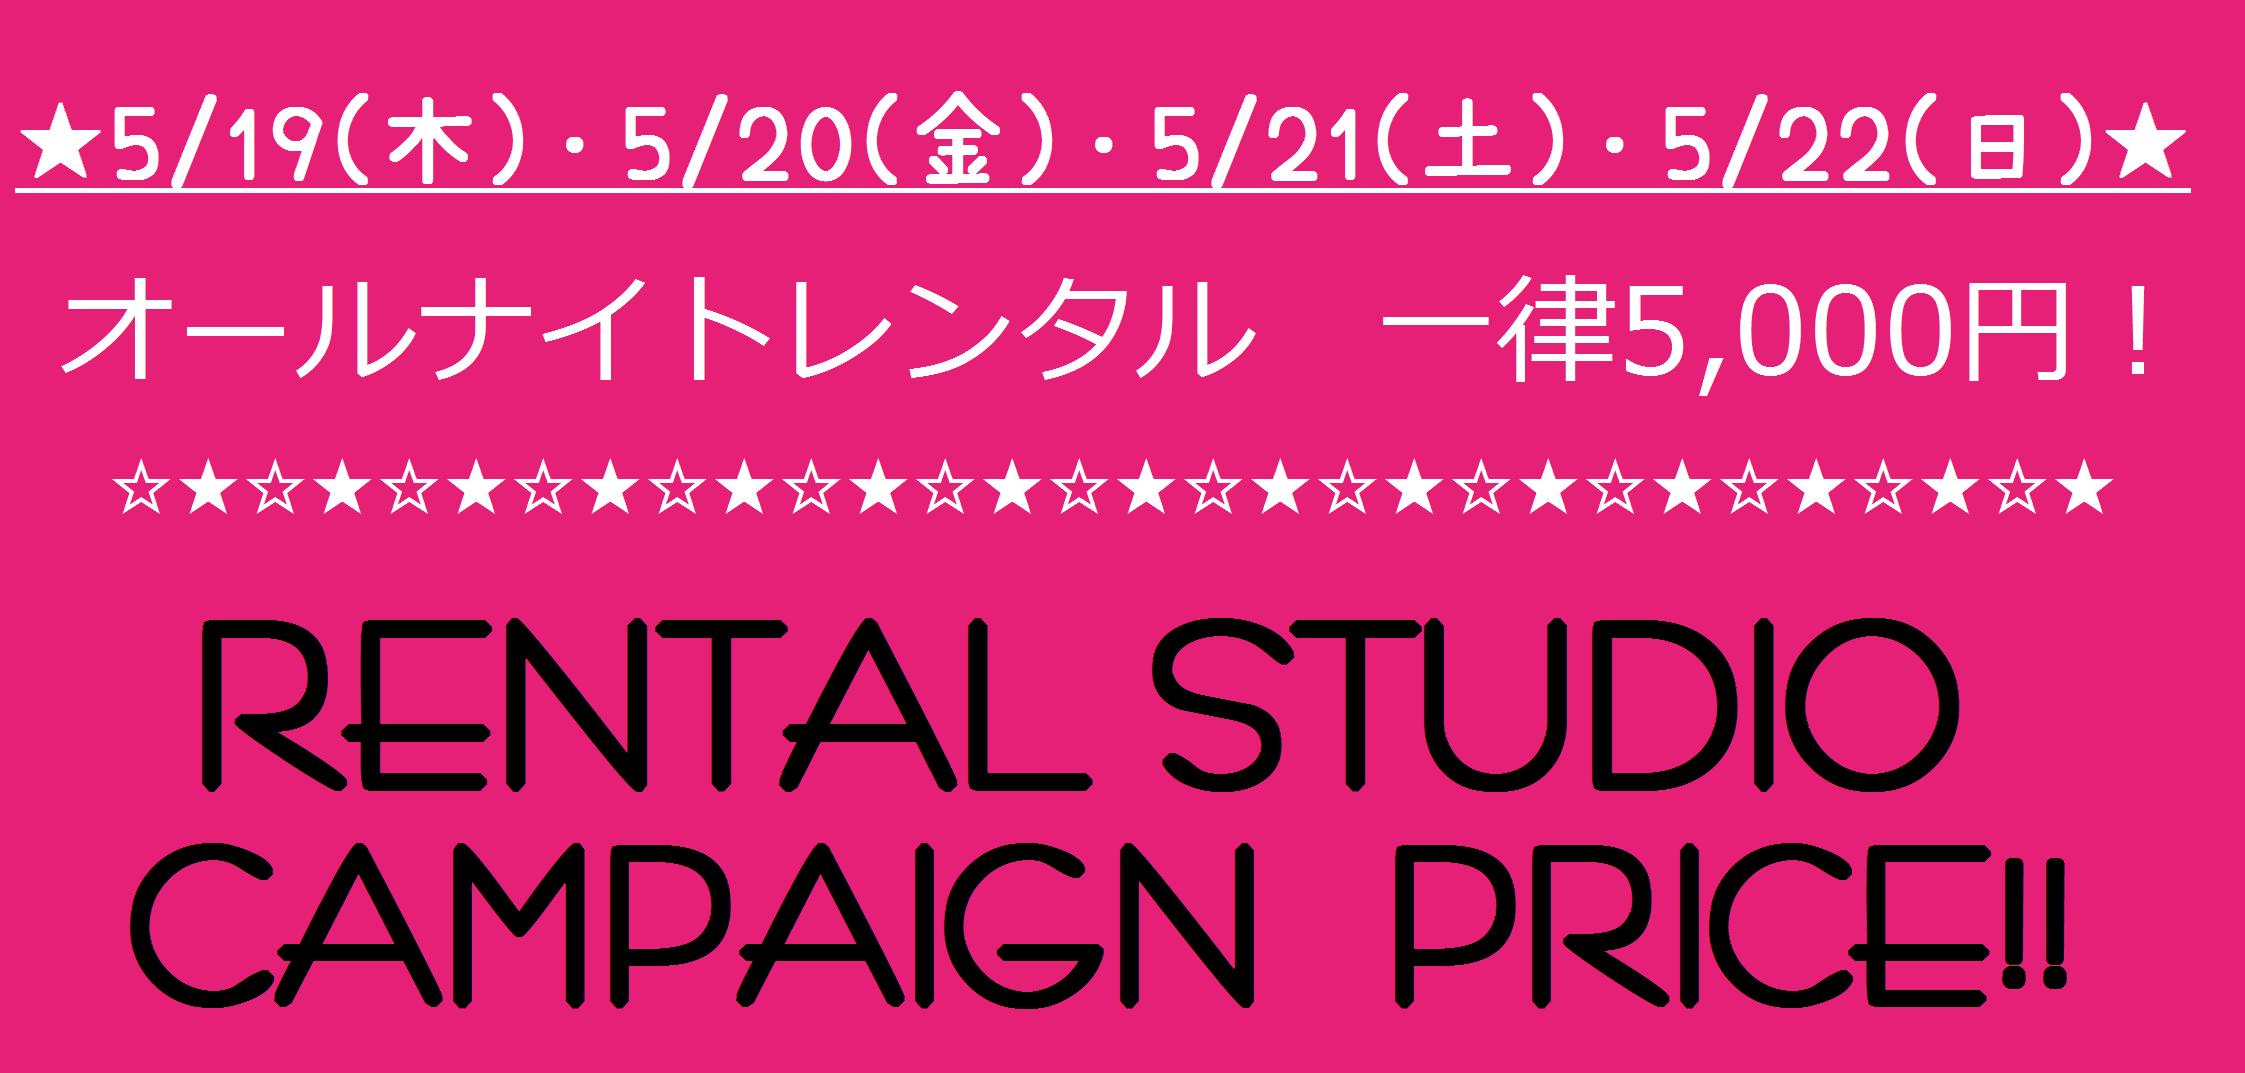 レンタルスタジオ キャンペーンバナー(2016.5.19~5.22深夜)